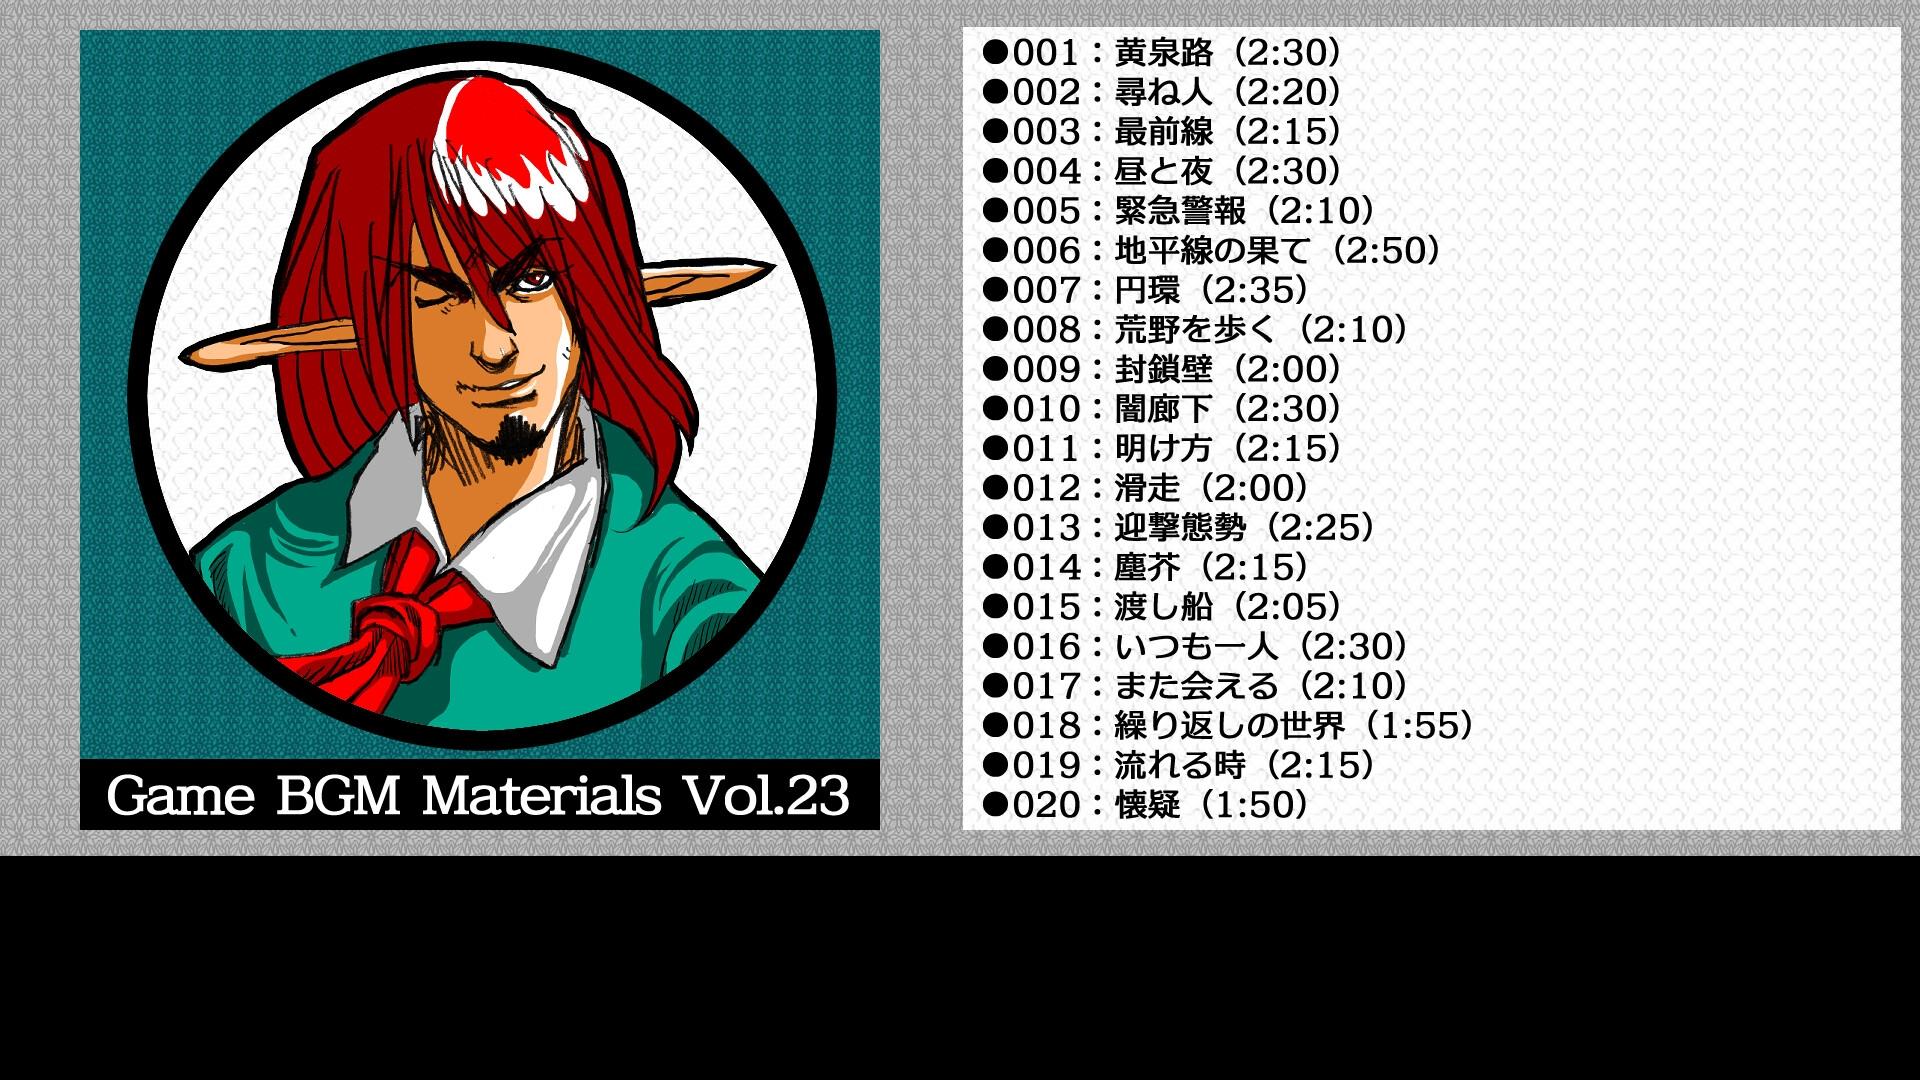 Game BGM Materials Vol.23